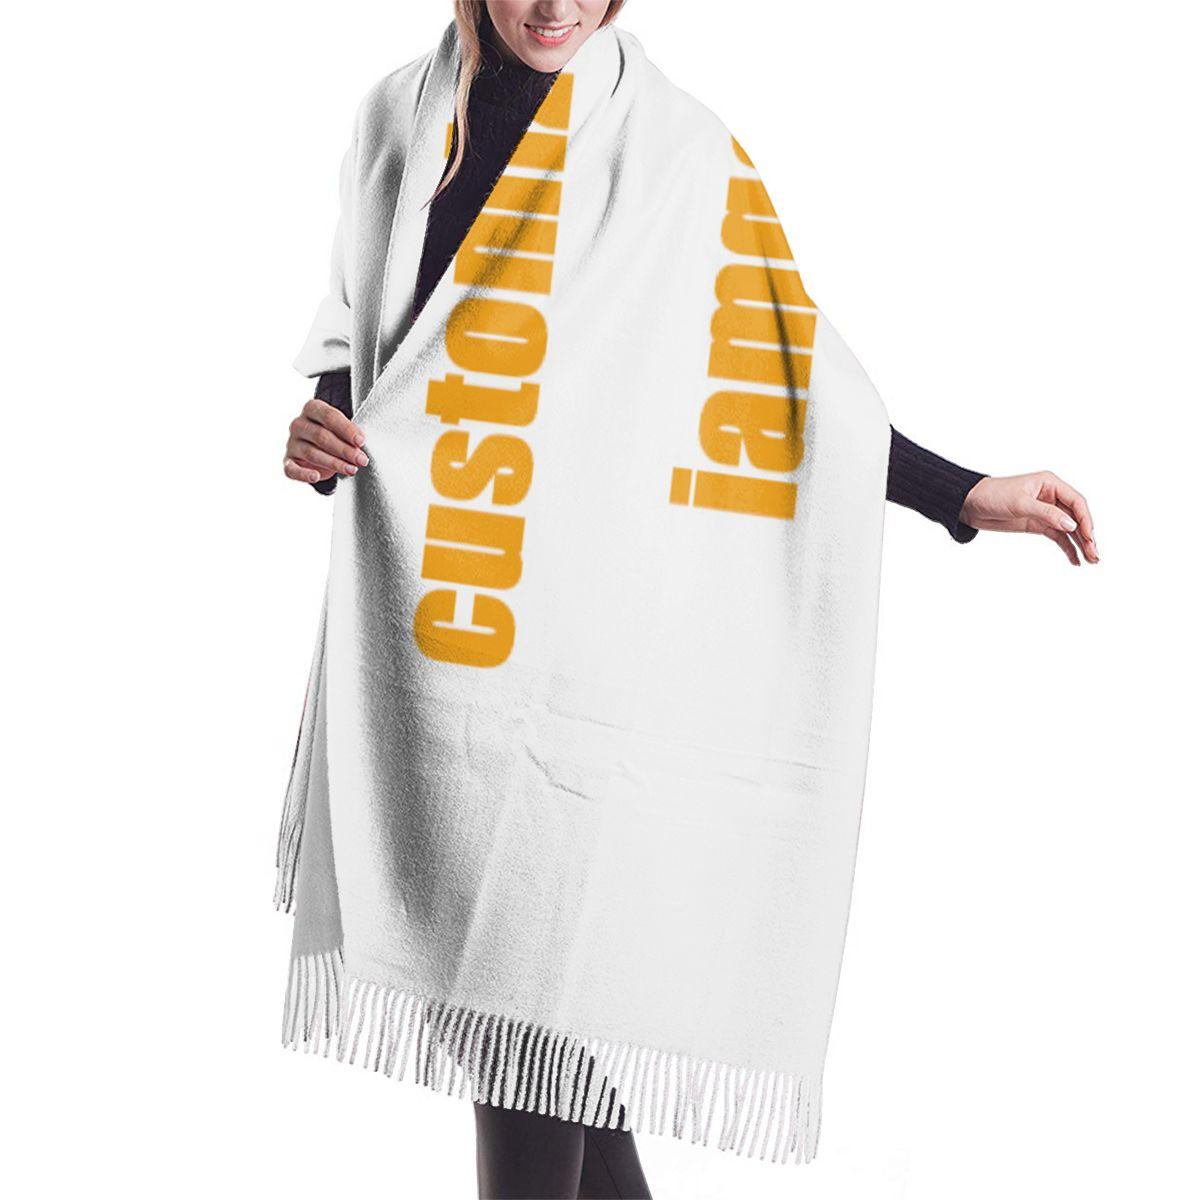 Image 2 - NOISYDESIGNS bufandas de cachemir personalizadas para mujer con borla otoño nuevo suave cálido señora niñas envuelve bufanda larga fina chal femeninoBufandas de mujer   -